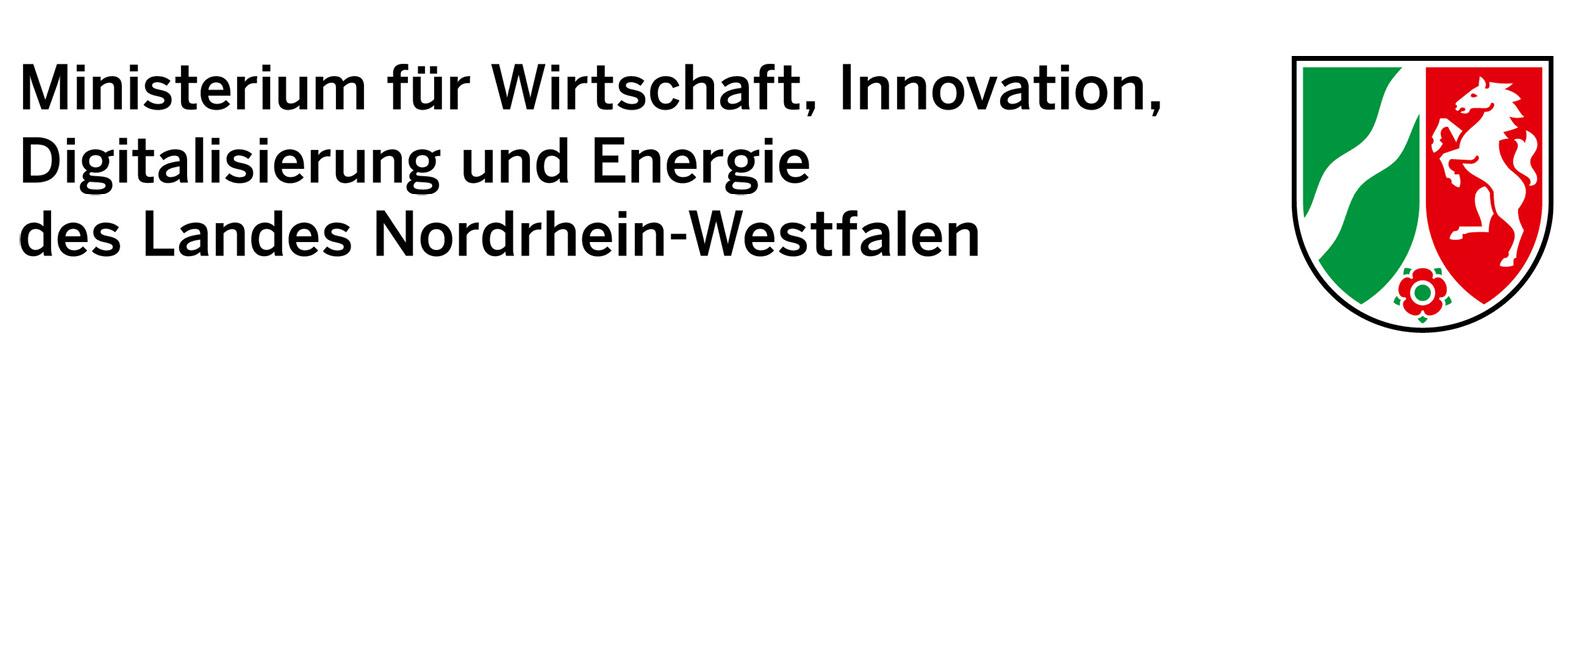 Logo Ministerium für Wirtschaft, Innovation, Digitalisierung und Energie des Landes Nordrhein-Westfalen